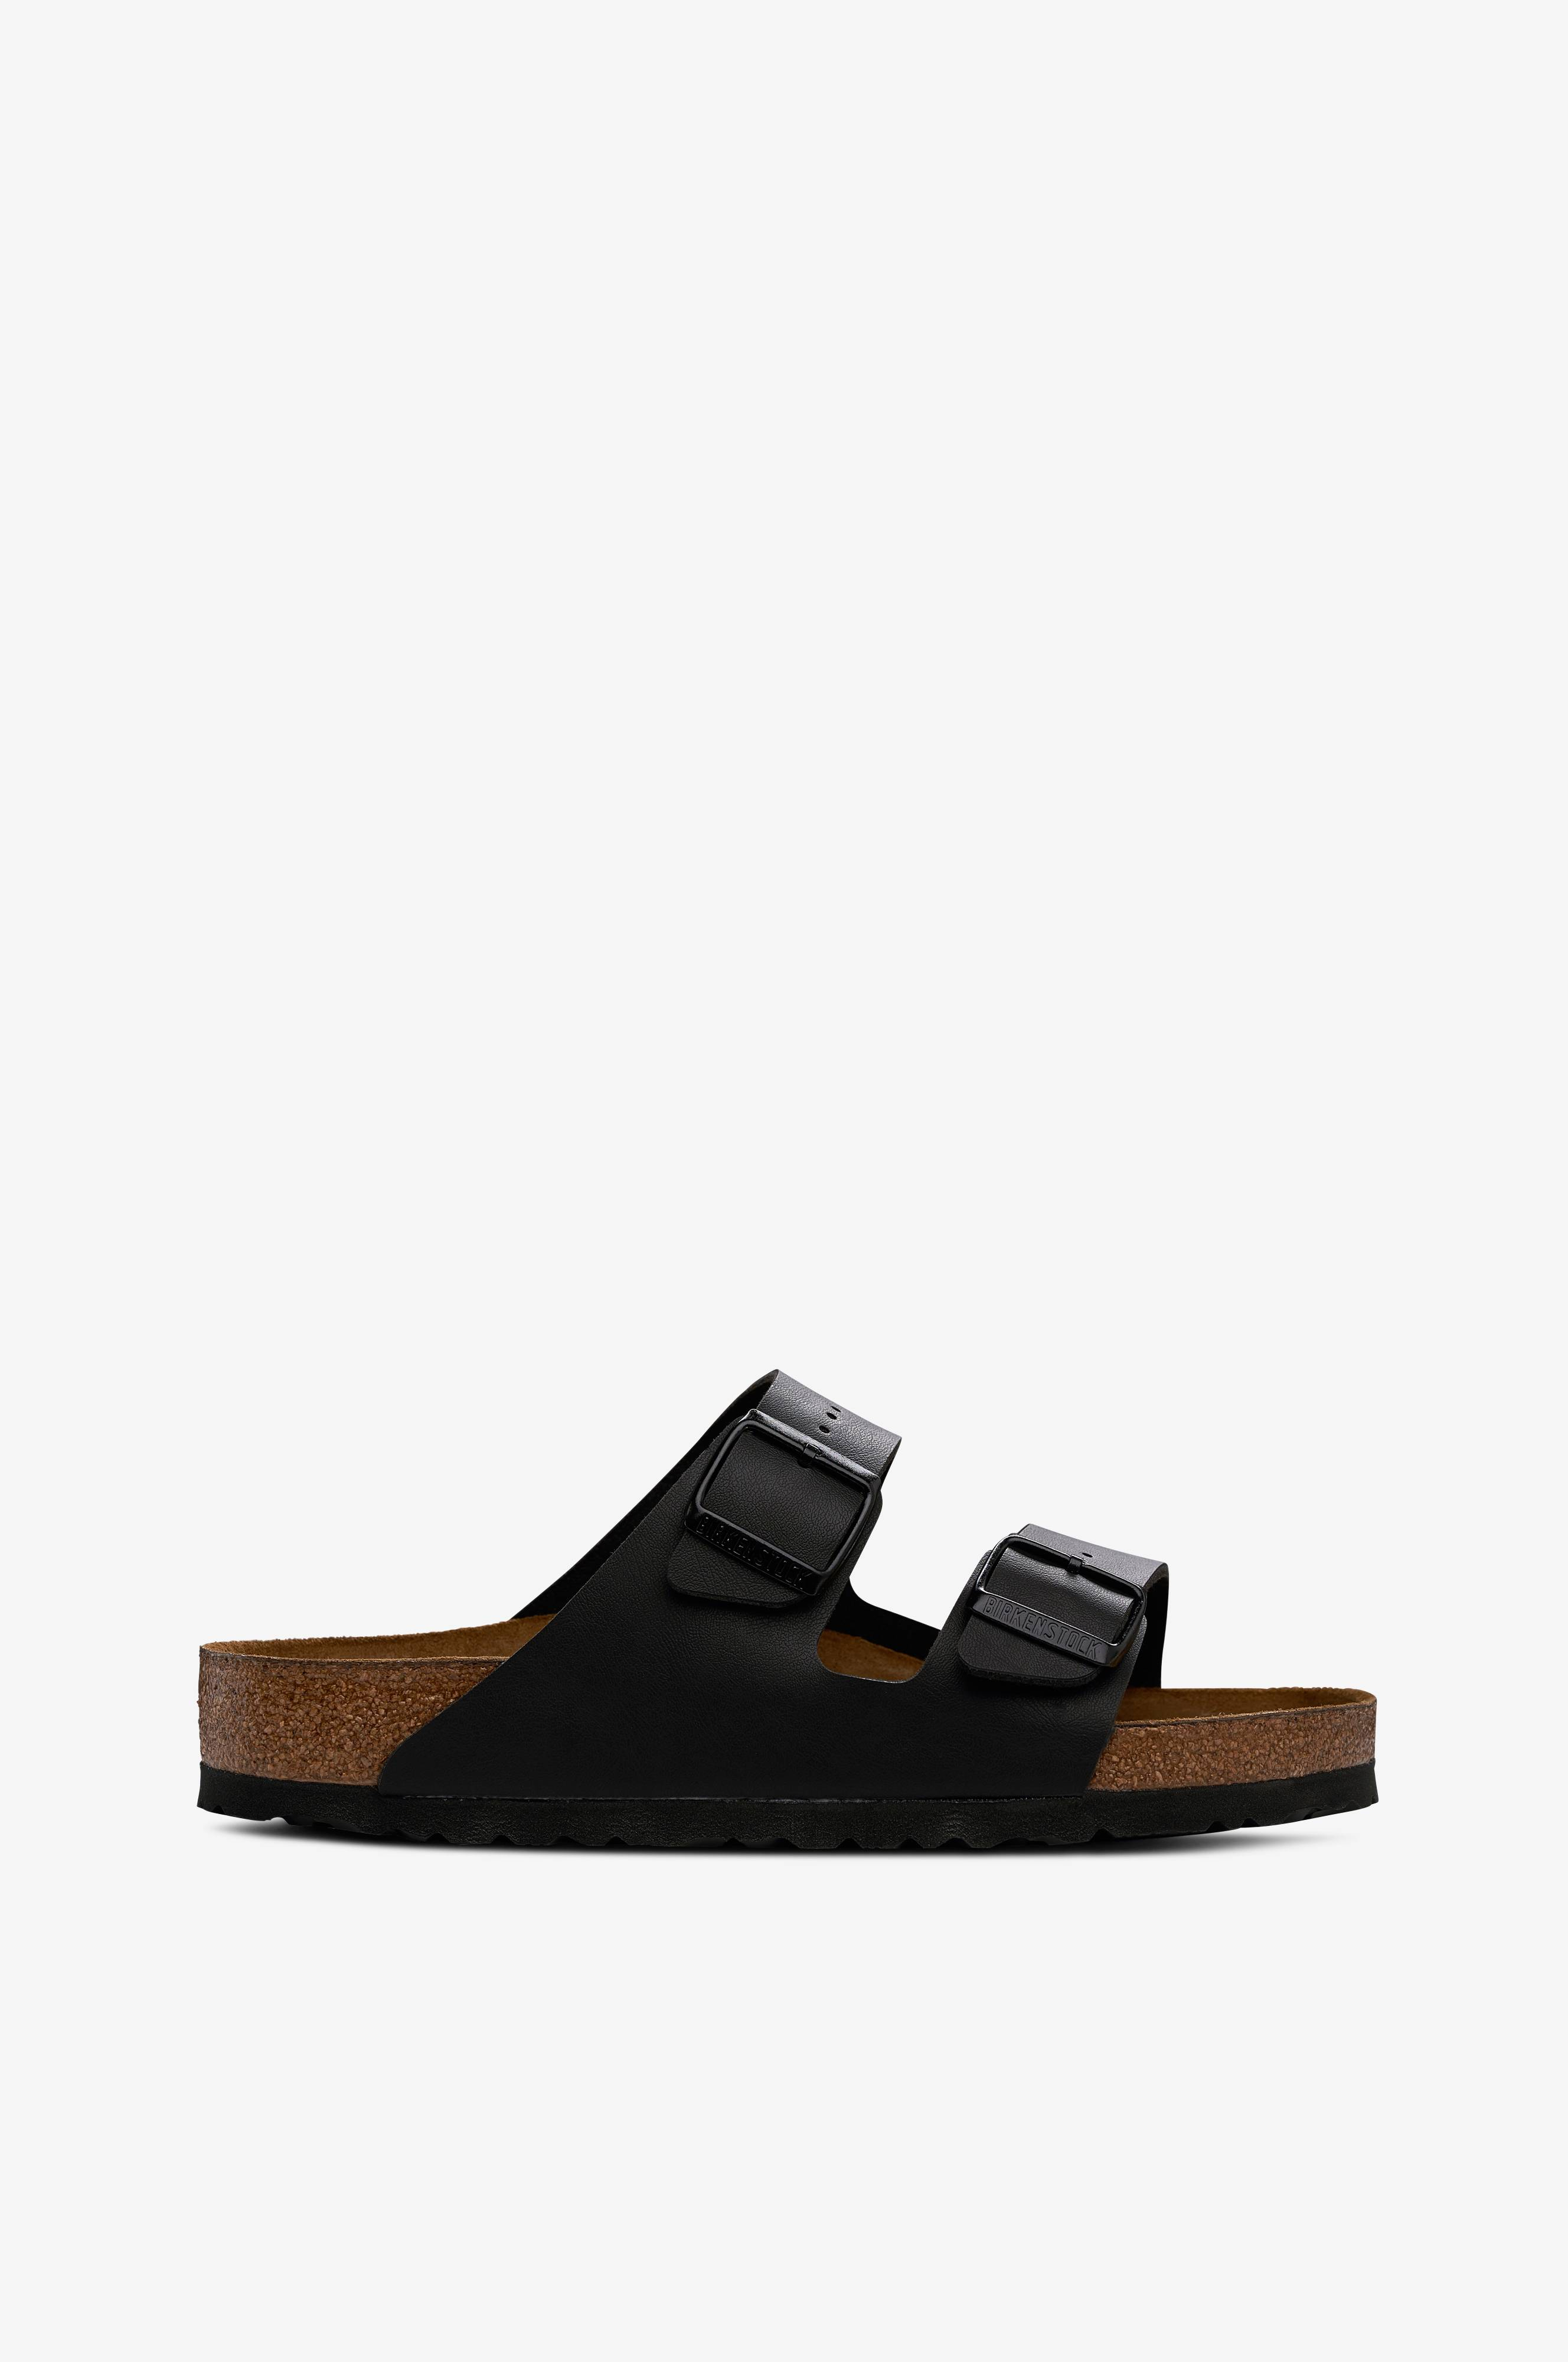 402fae953ff Birkenstock Arizona sandal, 35-46 - Sort - Dame - Ellos.dk